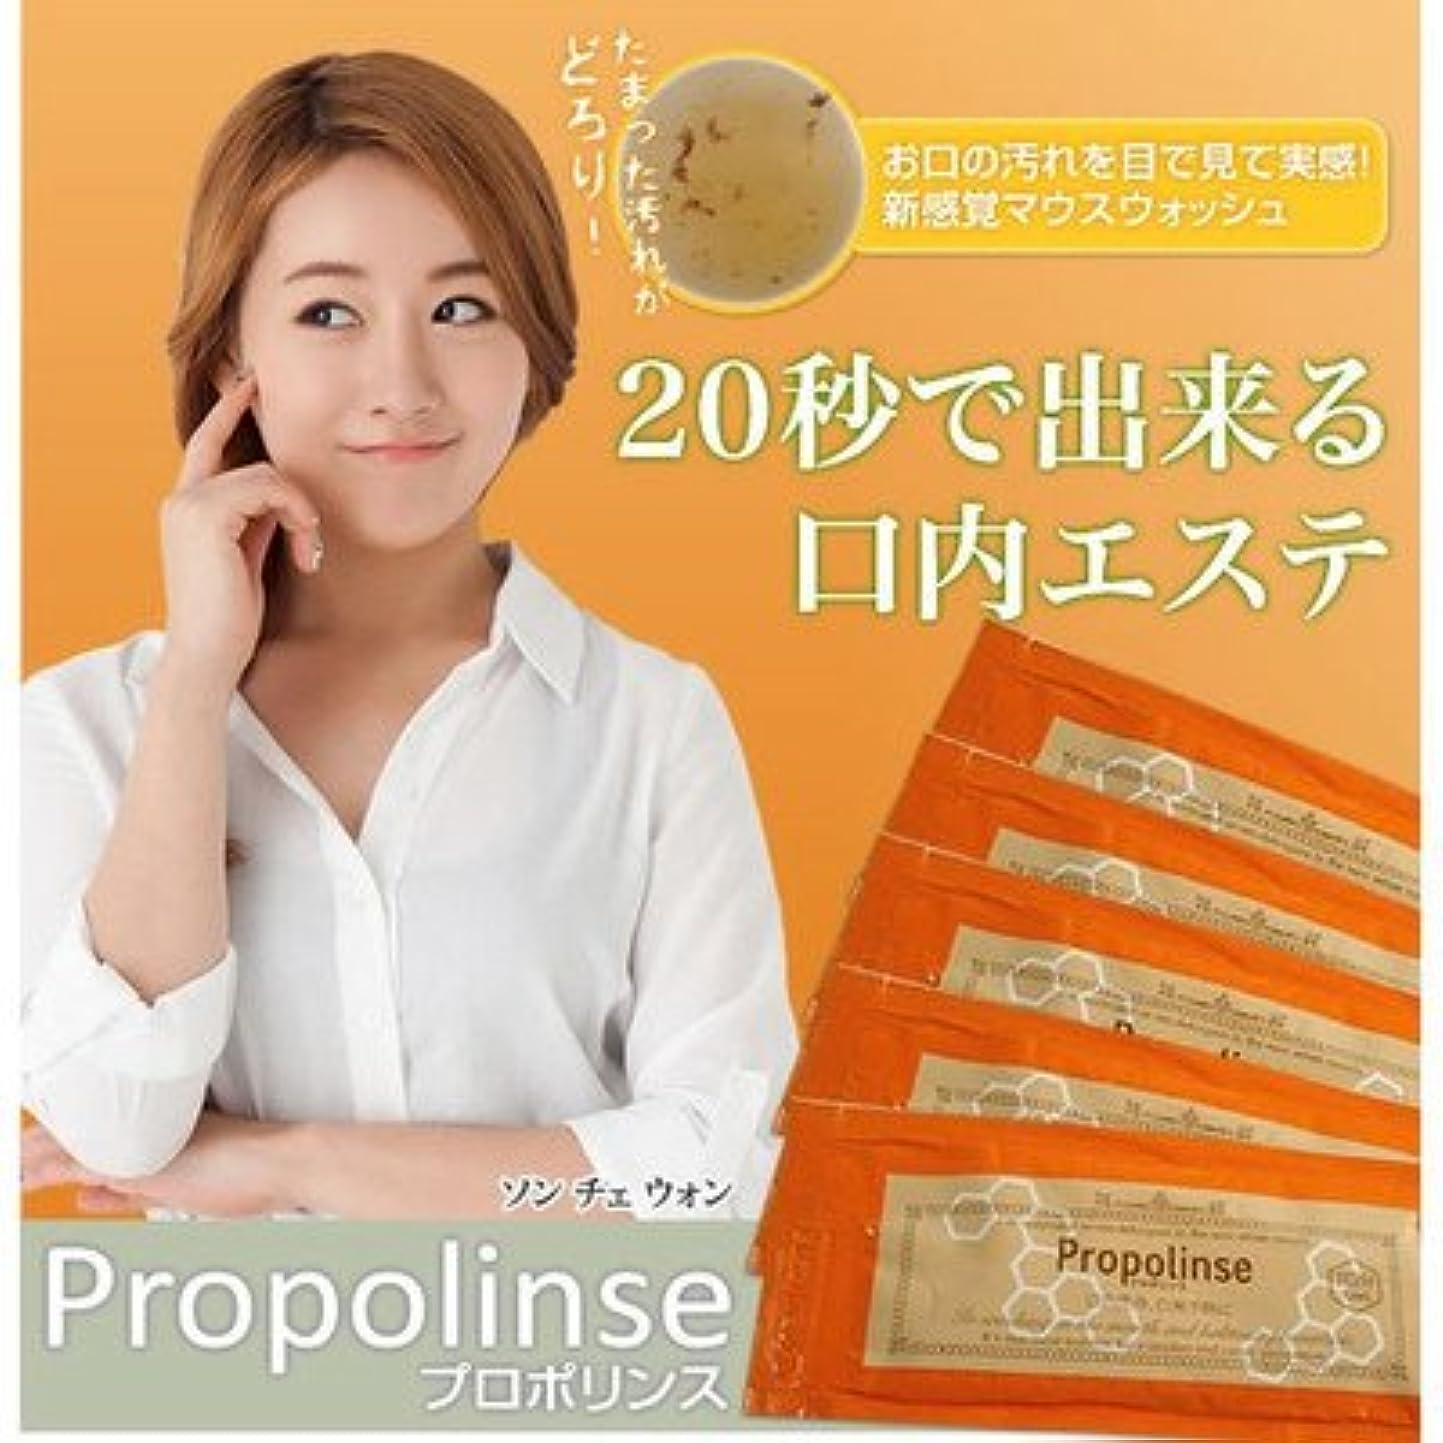 石膏反対以上プロポリンス ハンディパウチ 12ml(1袋)×100袋